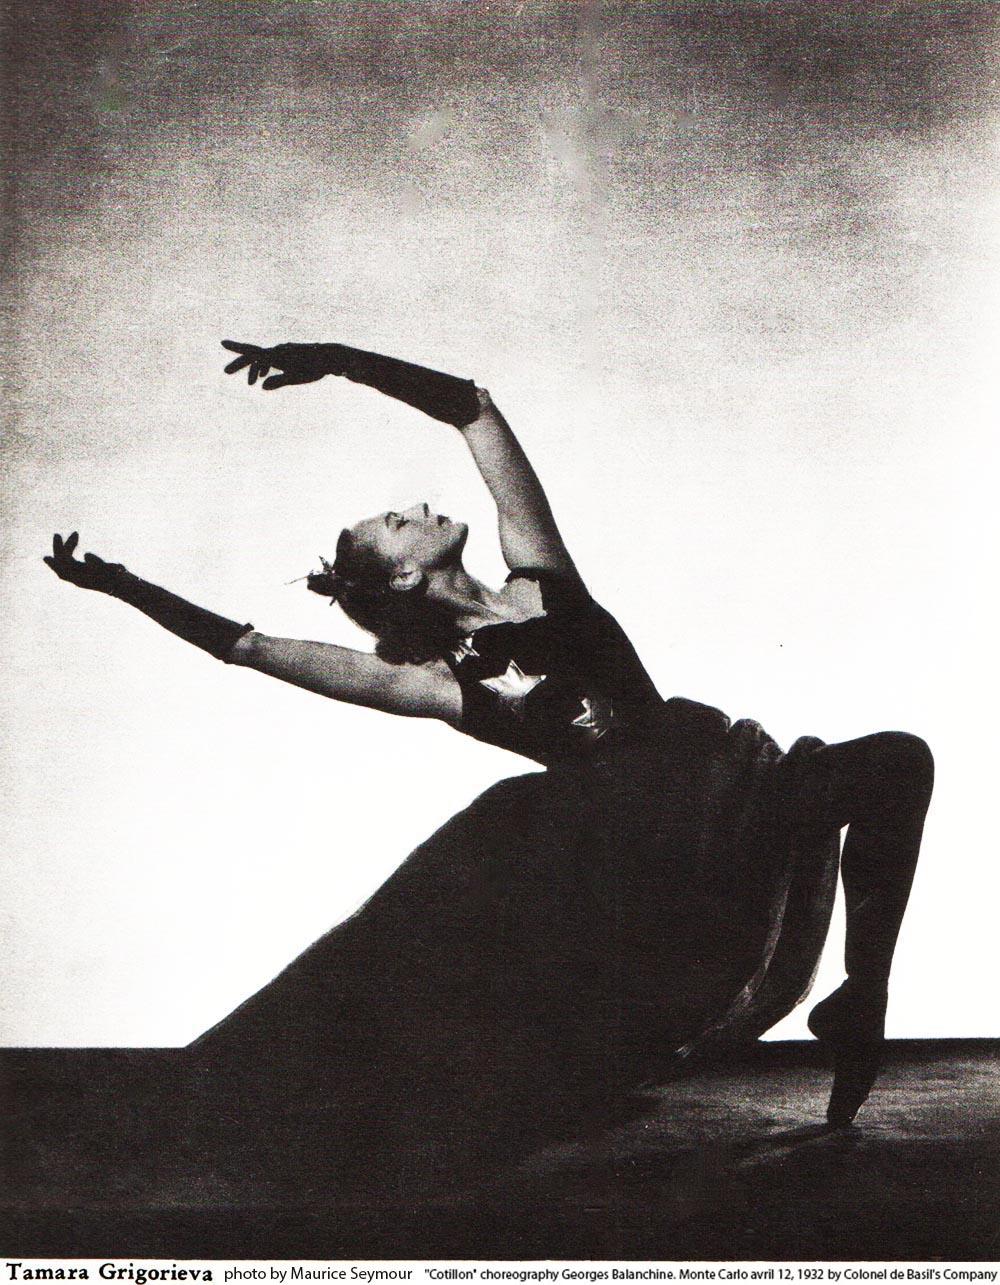 Tamara_Grigorieva_Cotillon_1932..